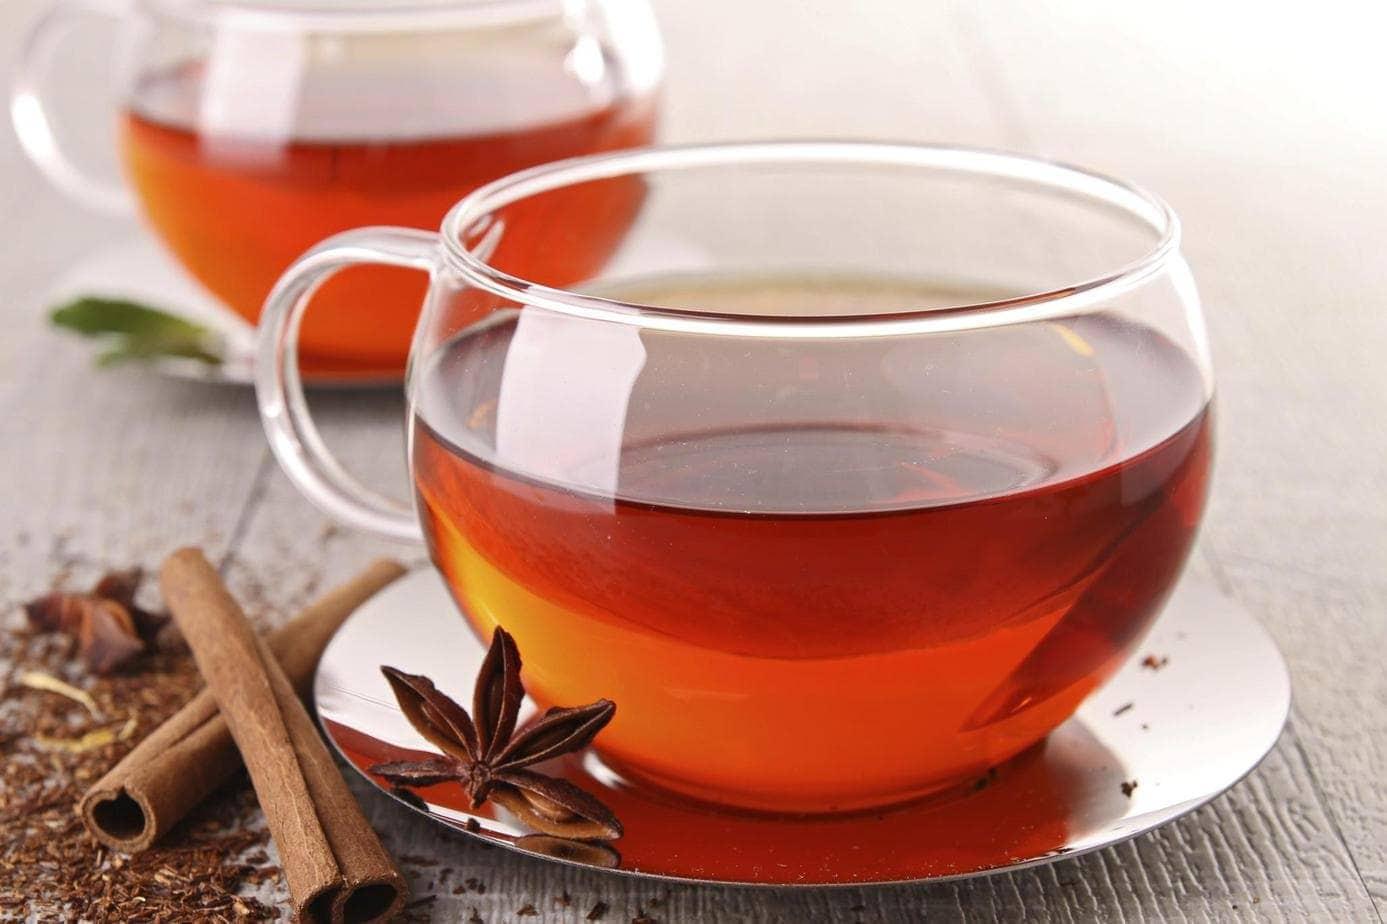 Agua Com Mel E Canela Beneficios chá de canela: benefícios do chá de canela como termogênico